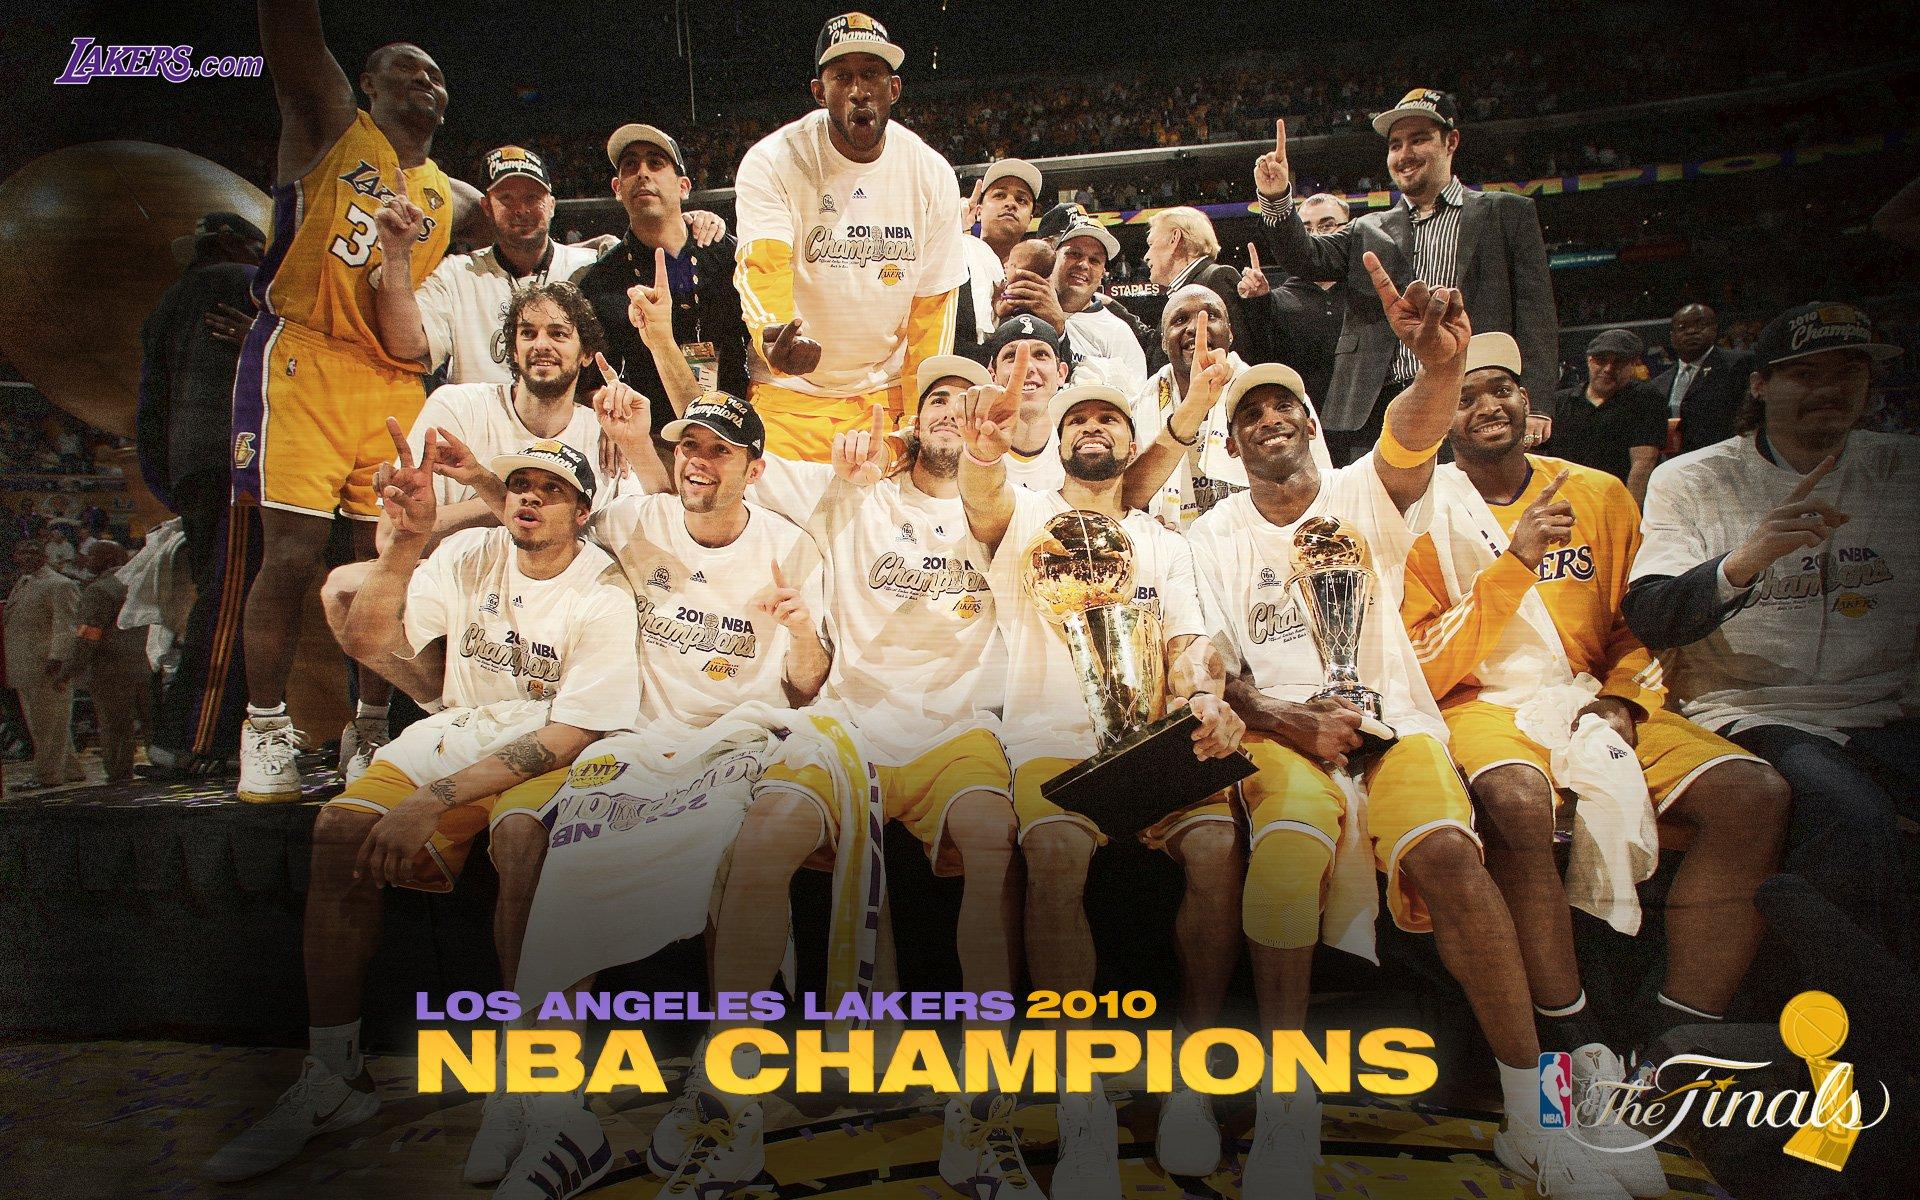 洛杉矶湖人 2010NBA季后赛和总决赛冠军壁纸